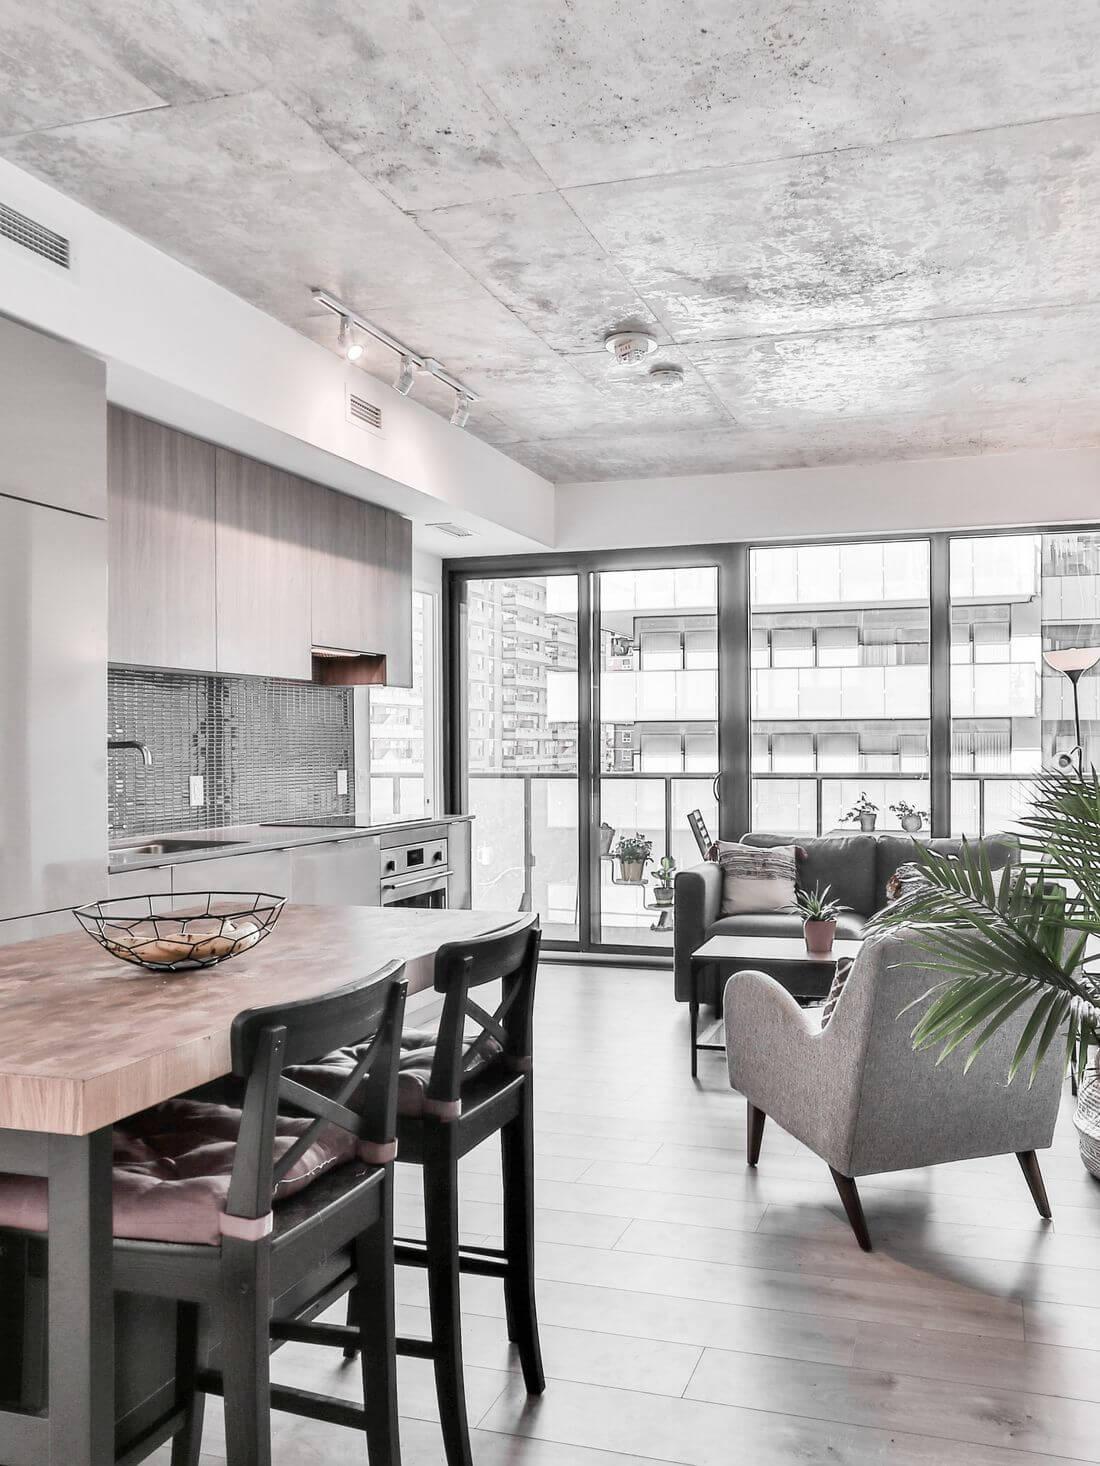 Kuchnia w Stylu Loftowym z wysokim sufitem z betonu, drzwiami loftowymi, stołem z drewnianym blatem i metalowymi nogami